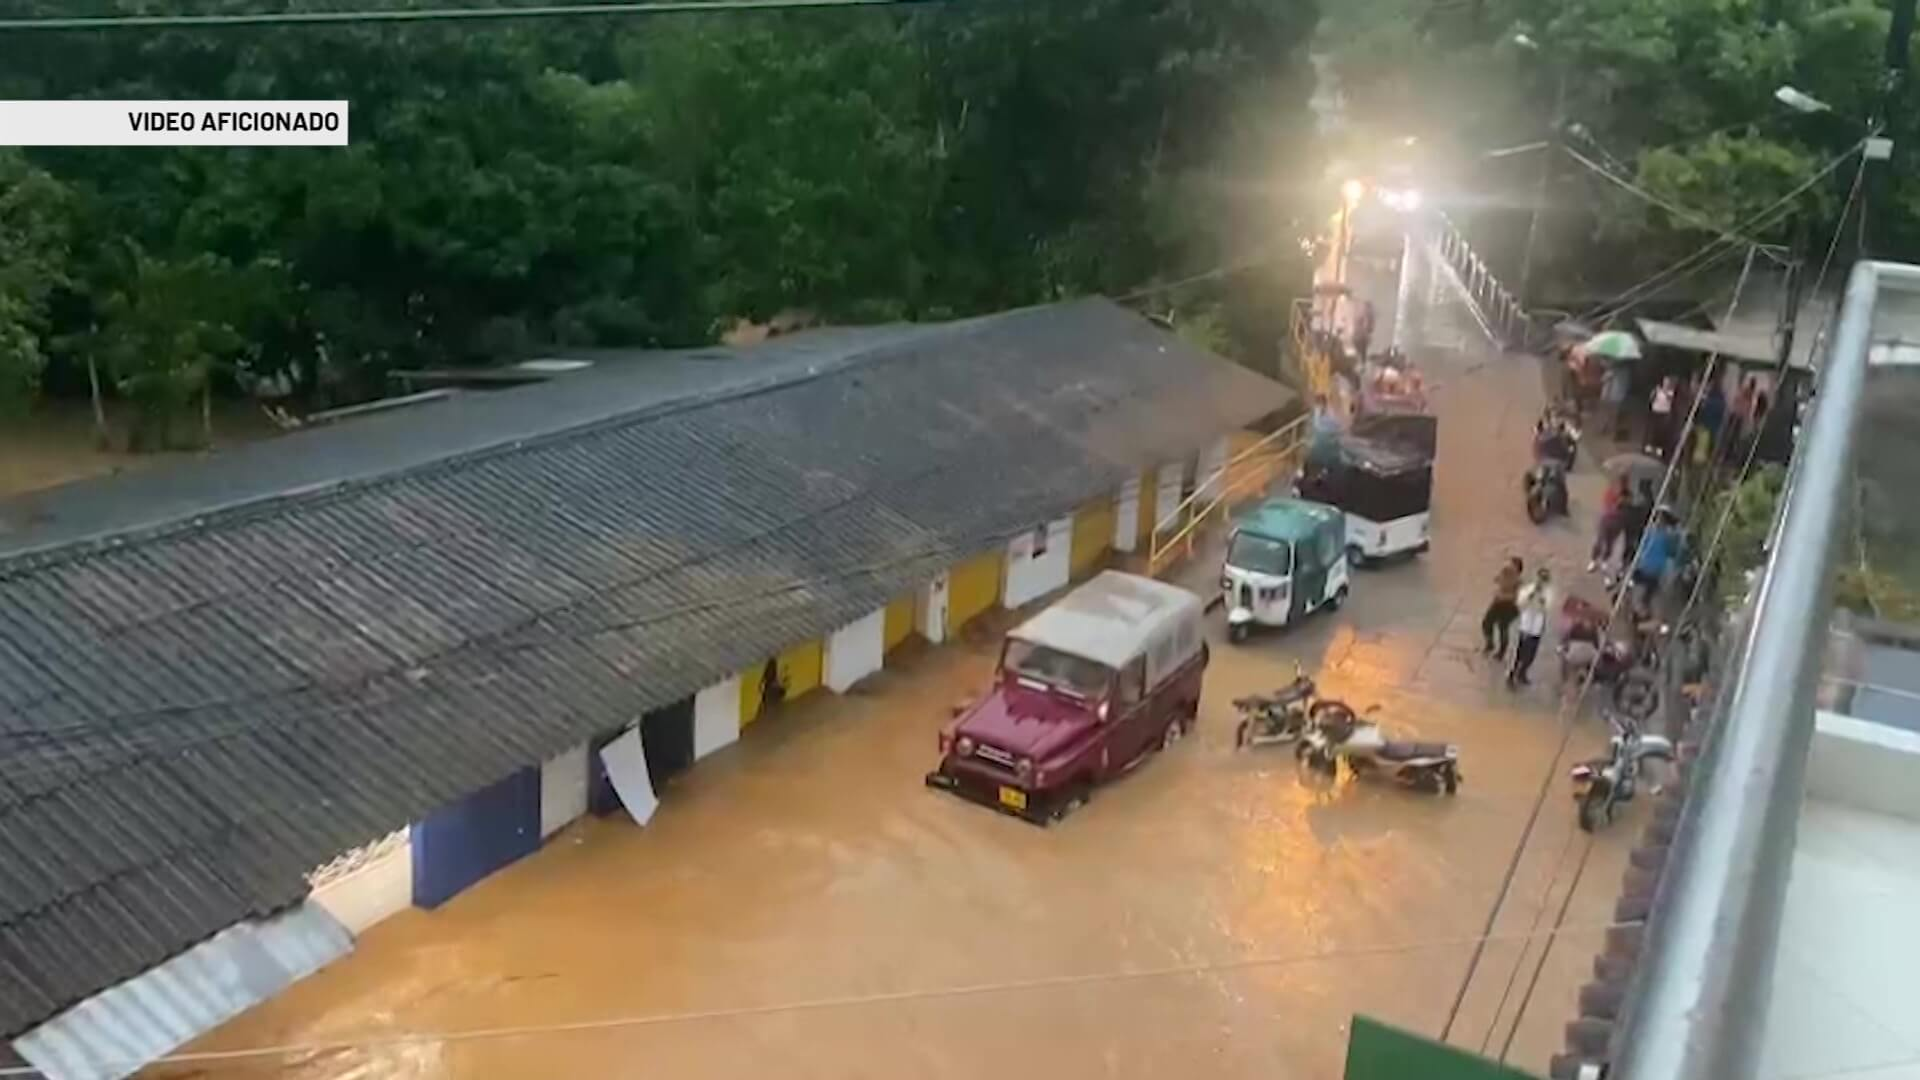 13 municipios con problemas por exceso de lluvia